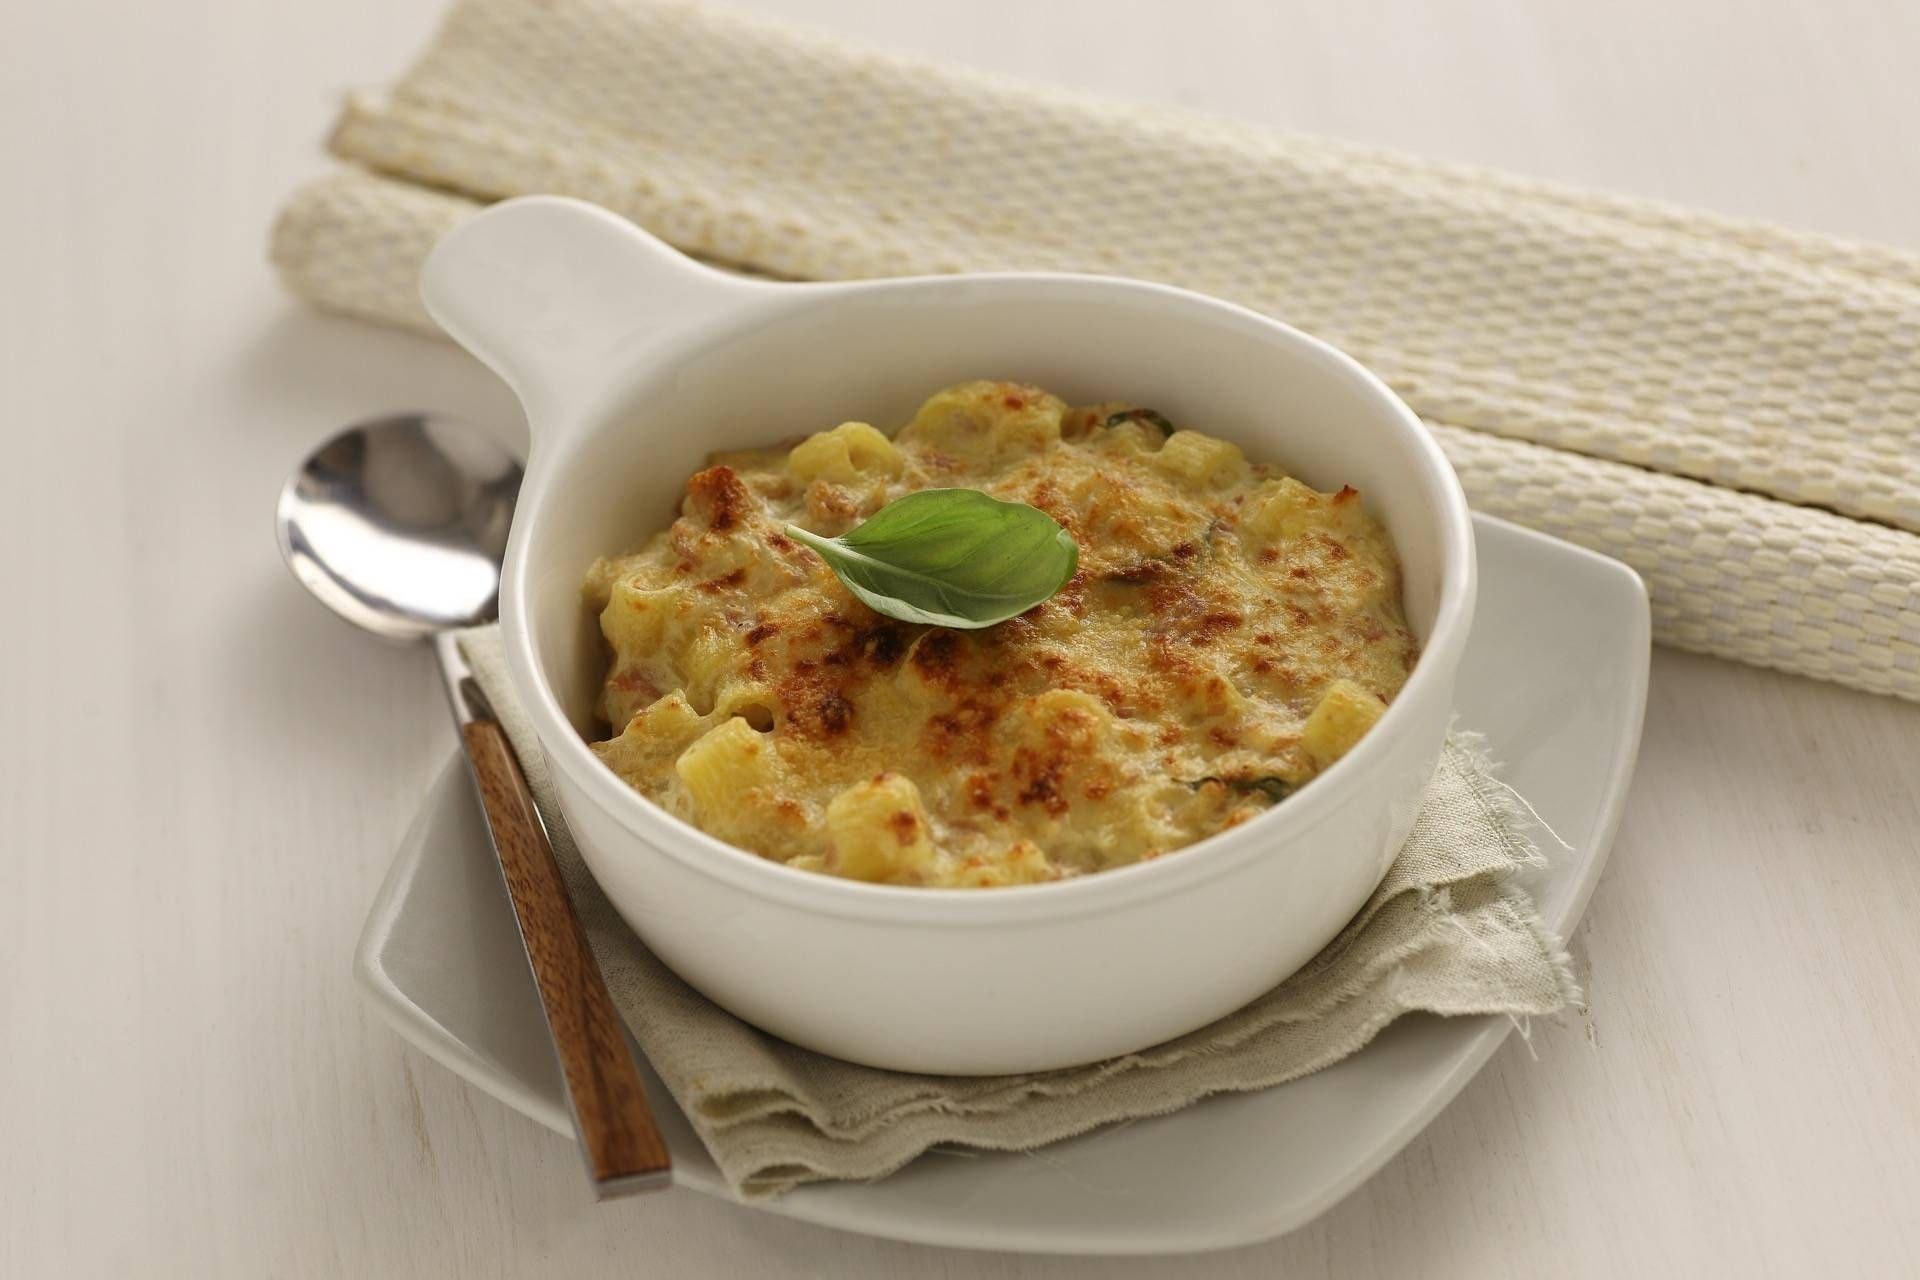 Sformatini di pasta al prosciutto crudo - Parmalat